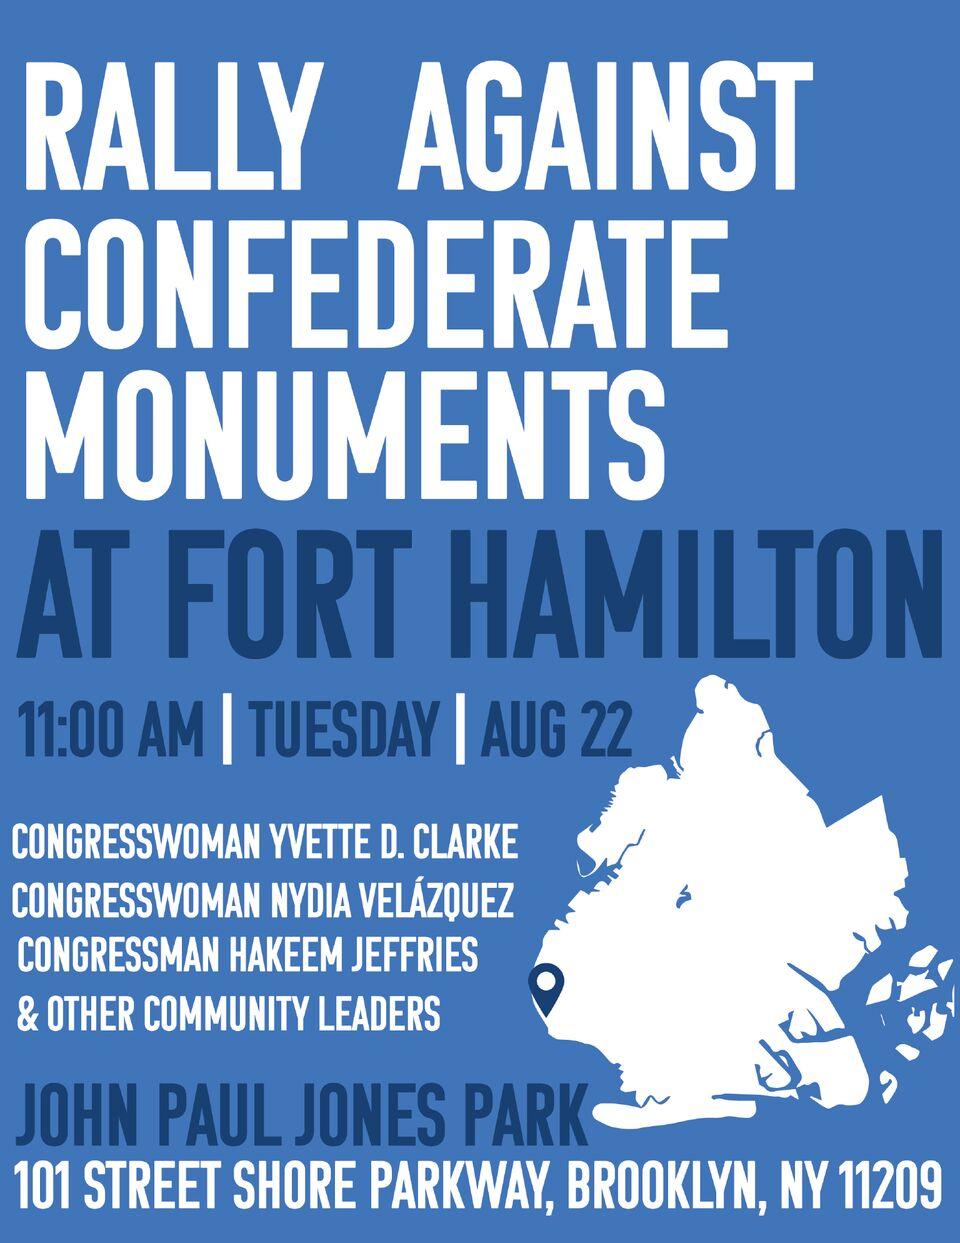 Fort Hamilton Flyer.jpg